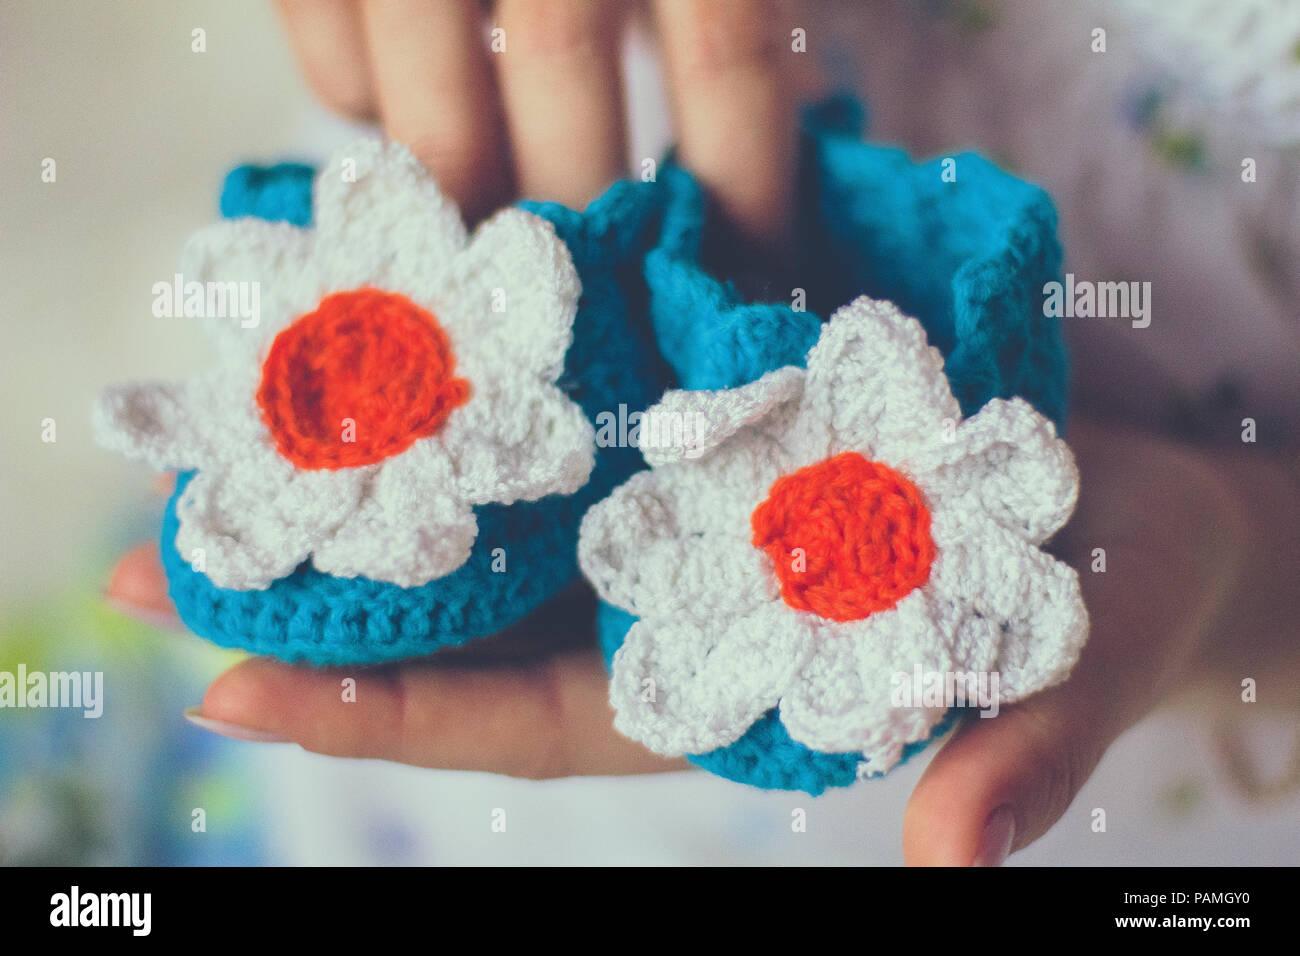 Tricots bébé chaussons en mains Photo Stock